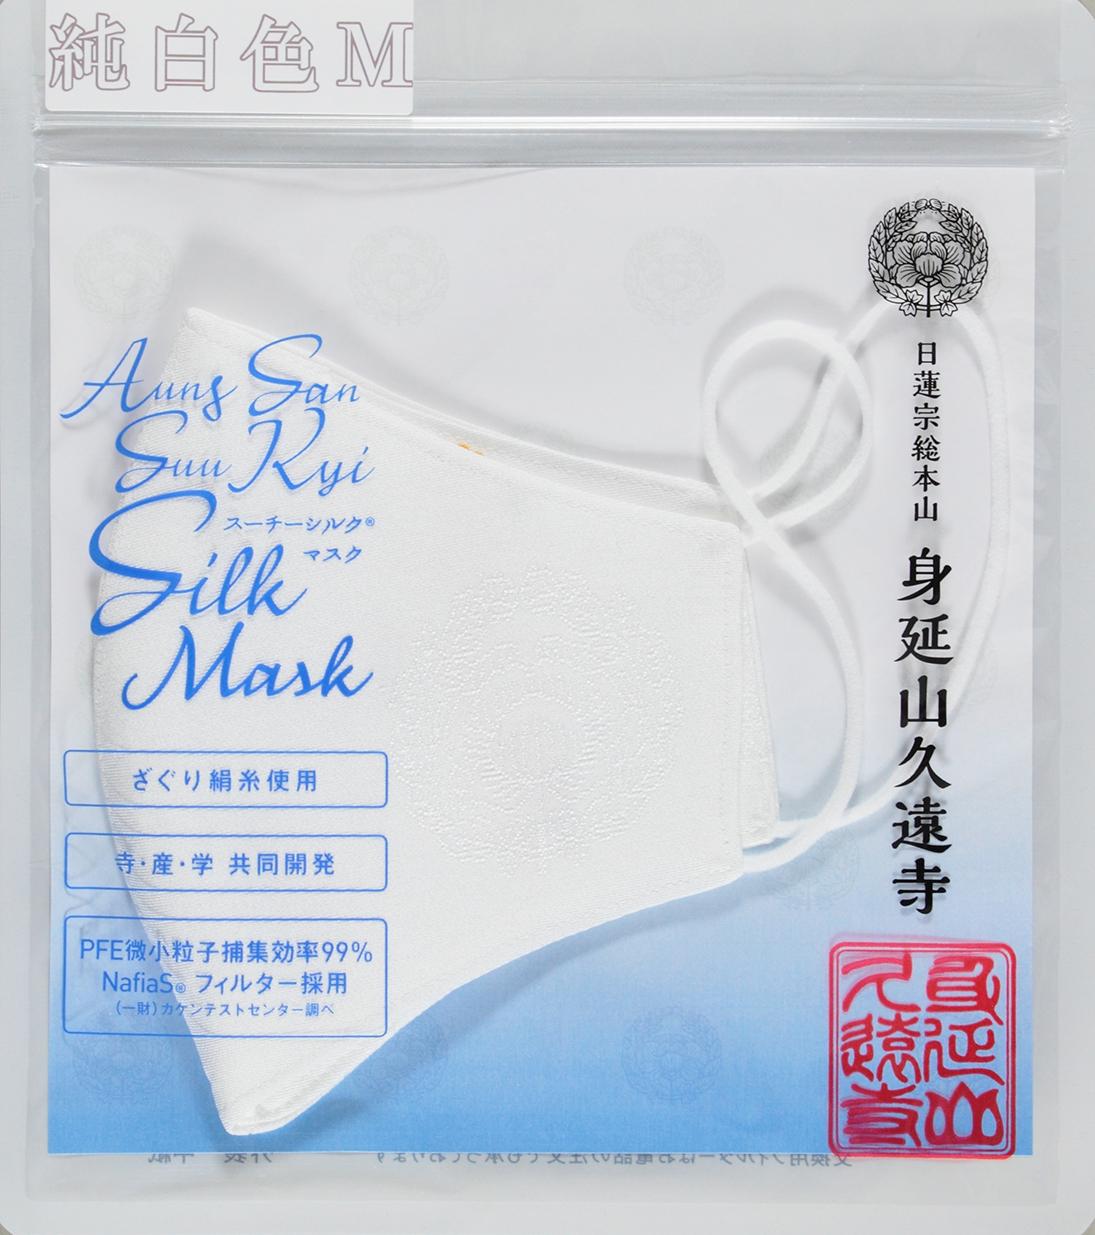 疫病退散祈願(小祈祷札・スーチーシルクマスク付)画像